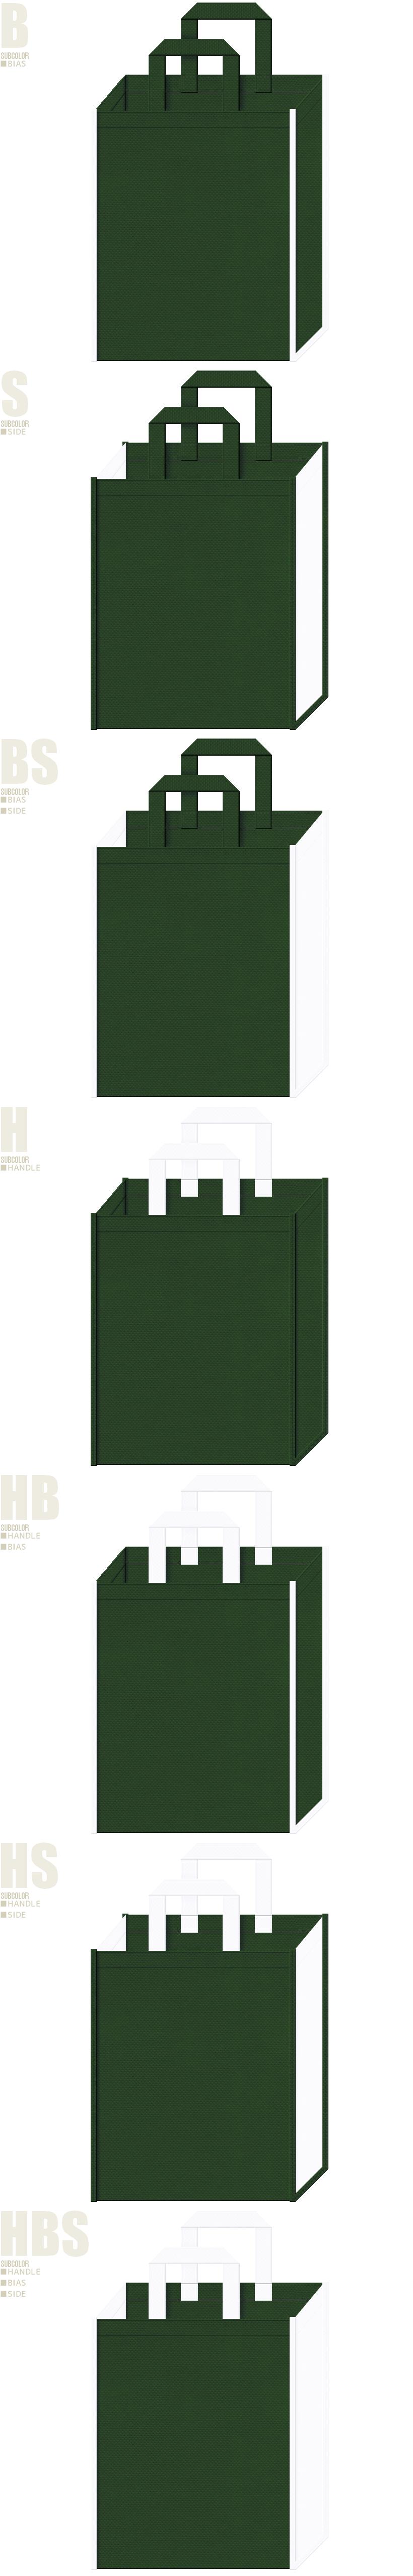 救急用品・薬局・医療器具・製薬・薬剤・医薬品の展示会用バッグにお奨めの不織布バッグデザイン濃緑色と白色の不織布バッグ配色7パターン。